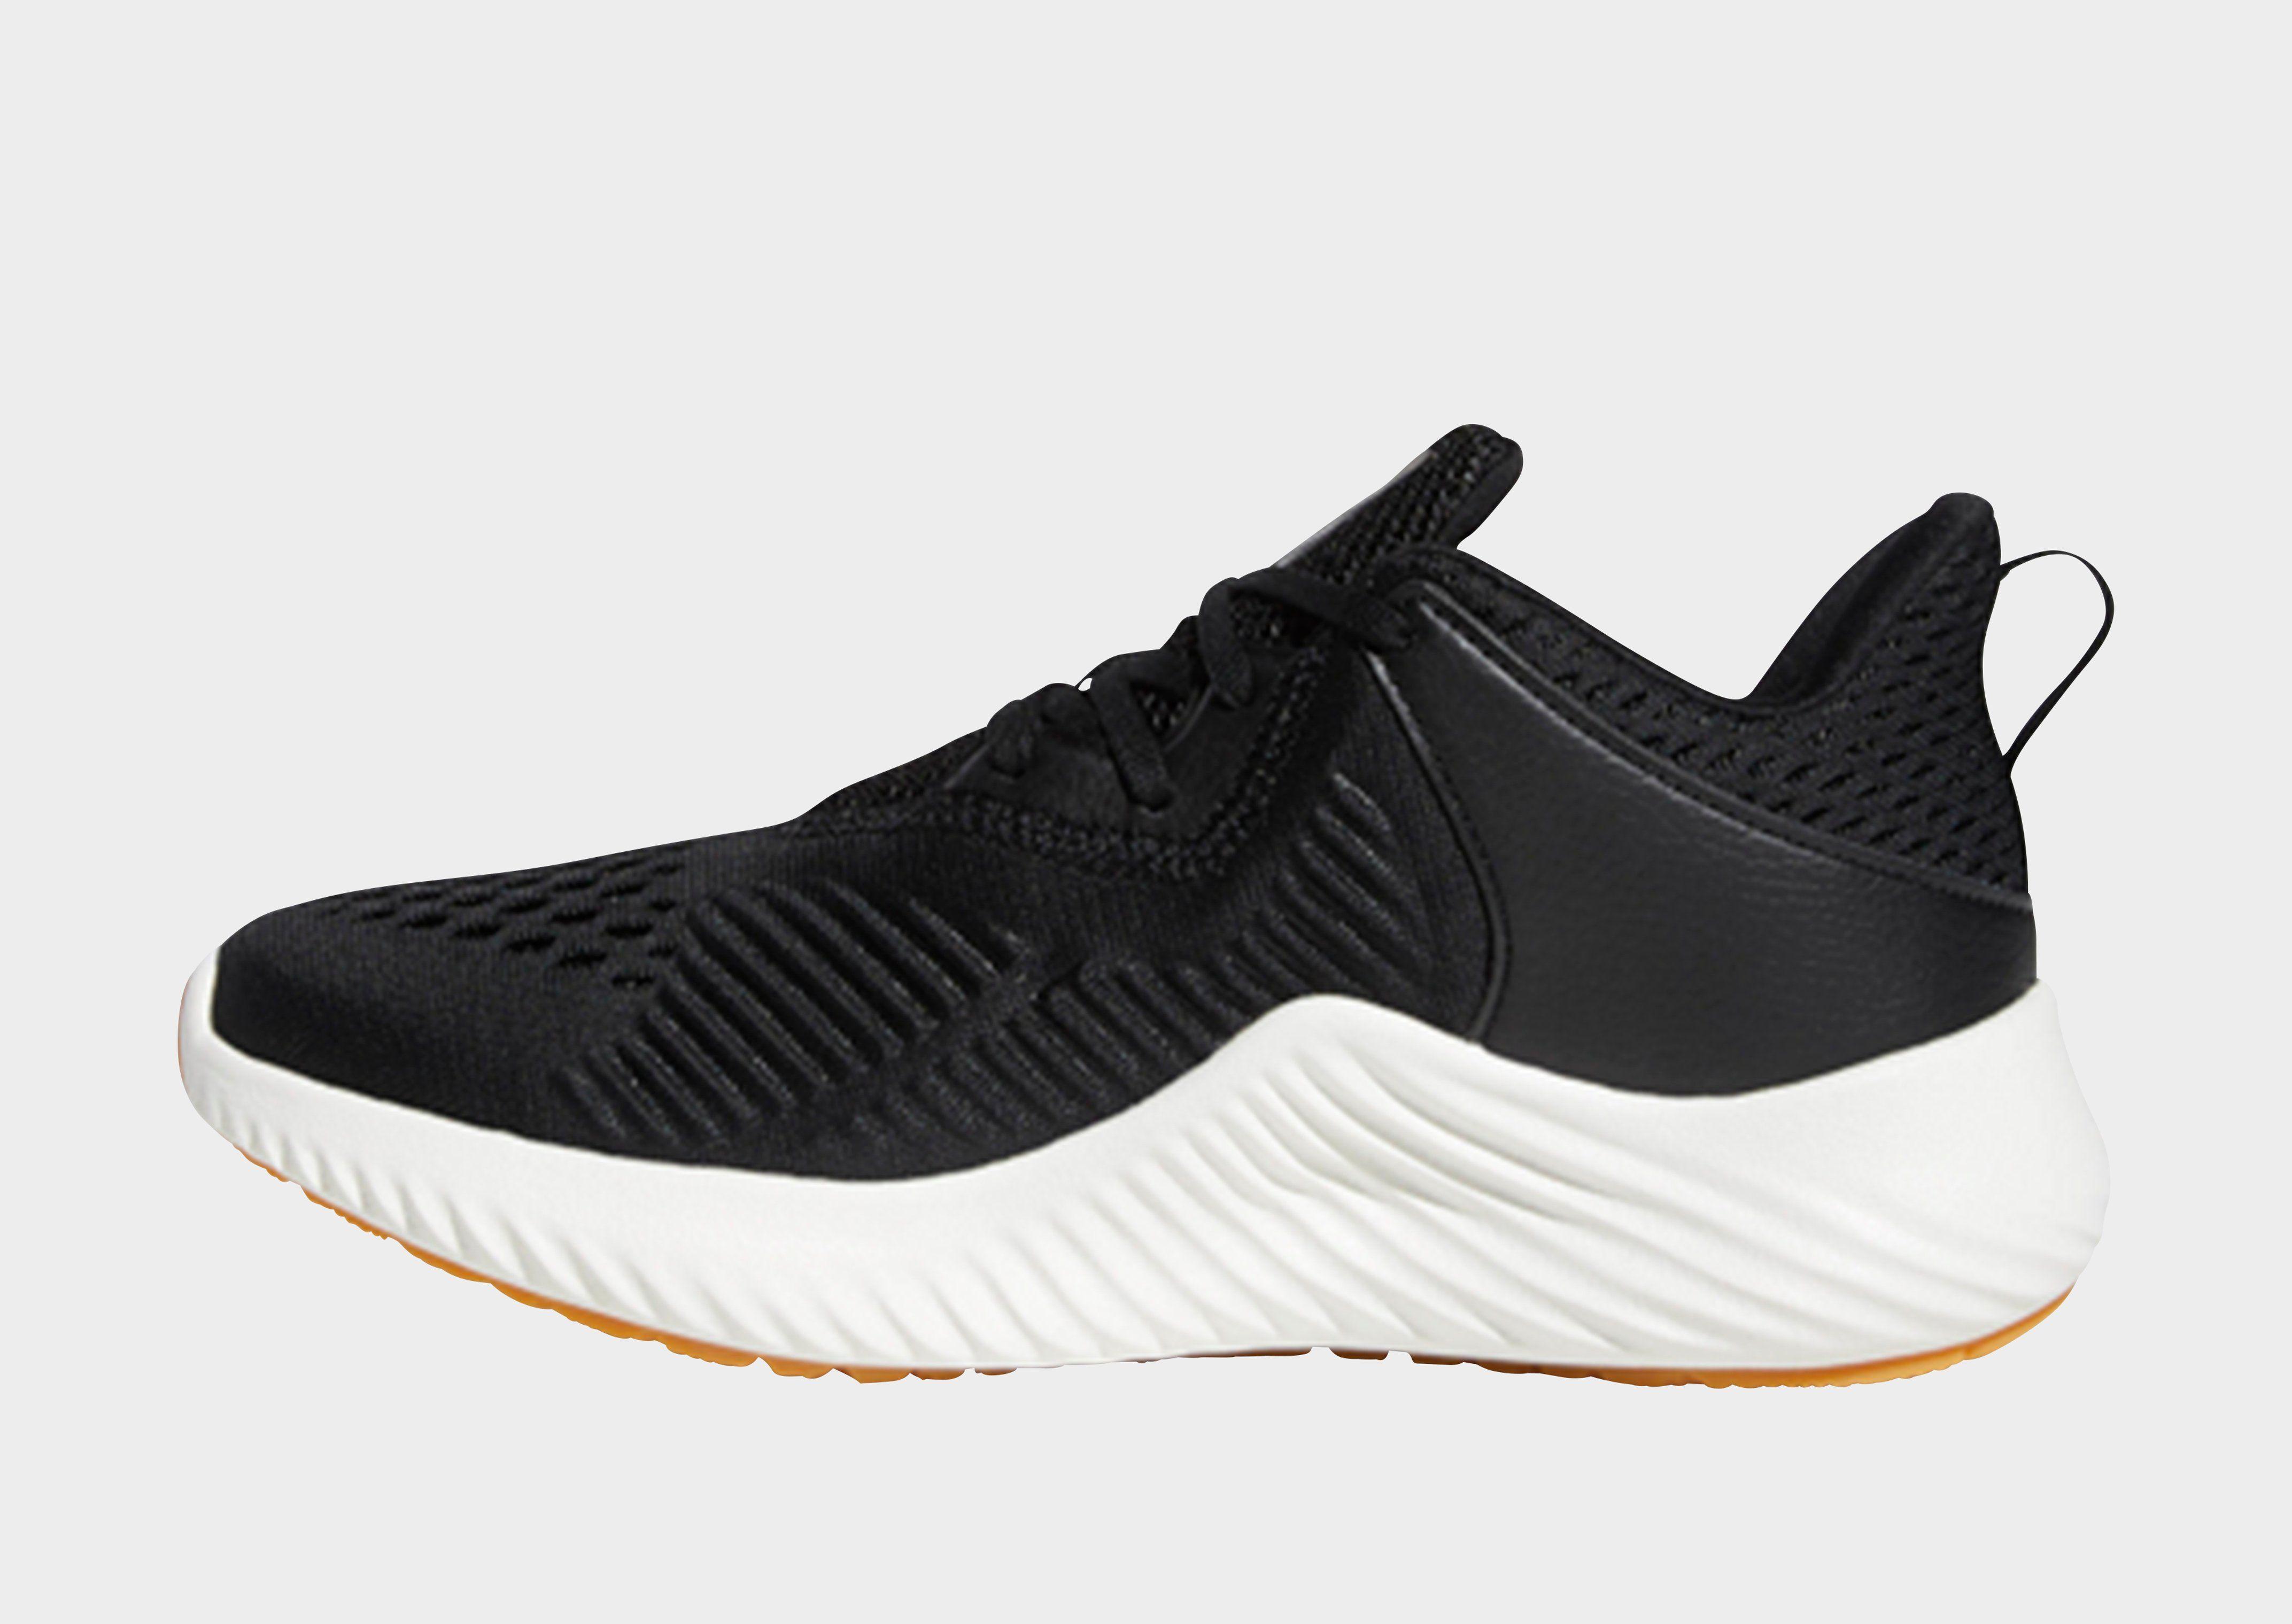 473fdeeb0d5a5 ADIDAS Alphabounce RC 2.0 Shoes